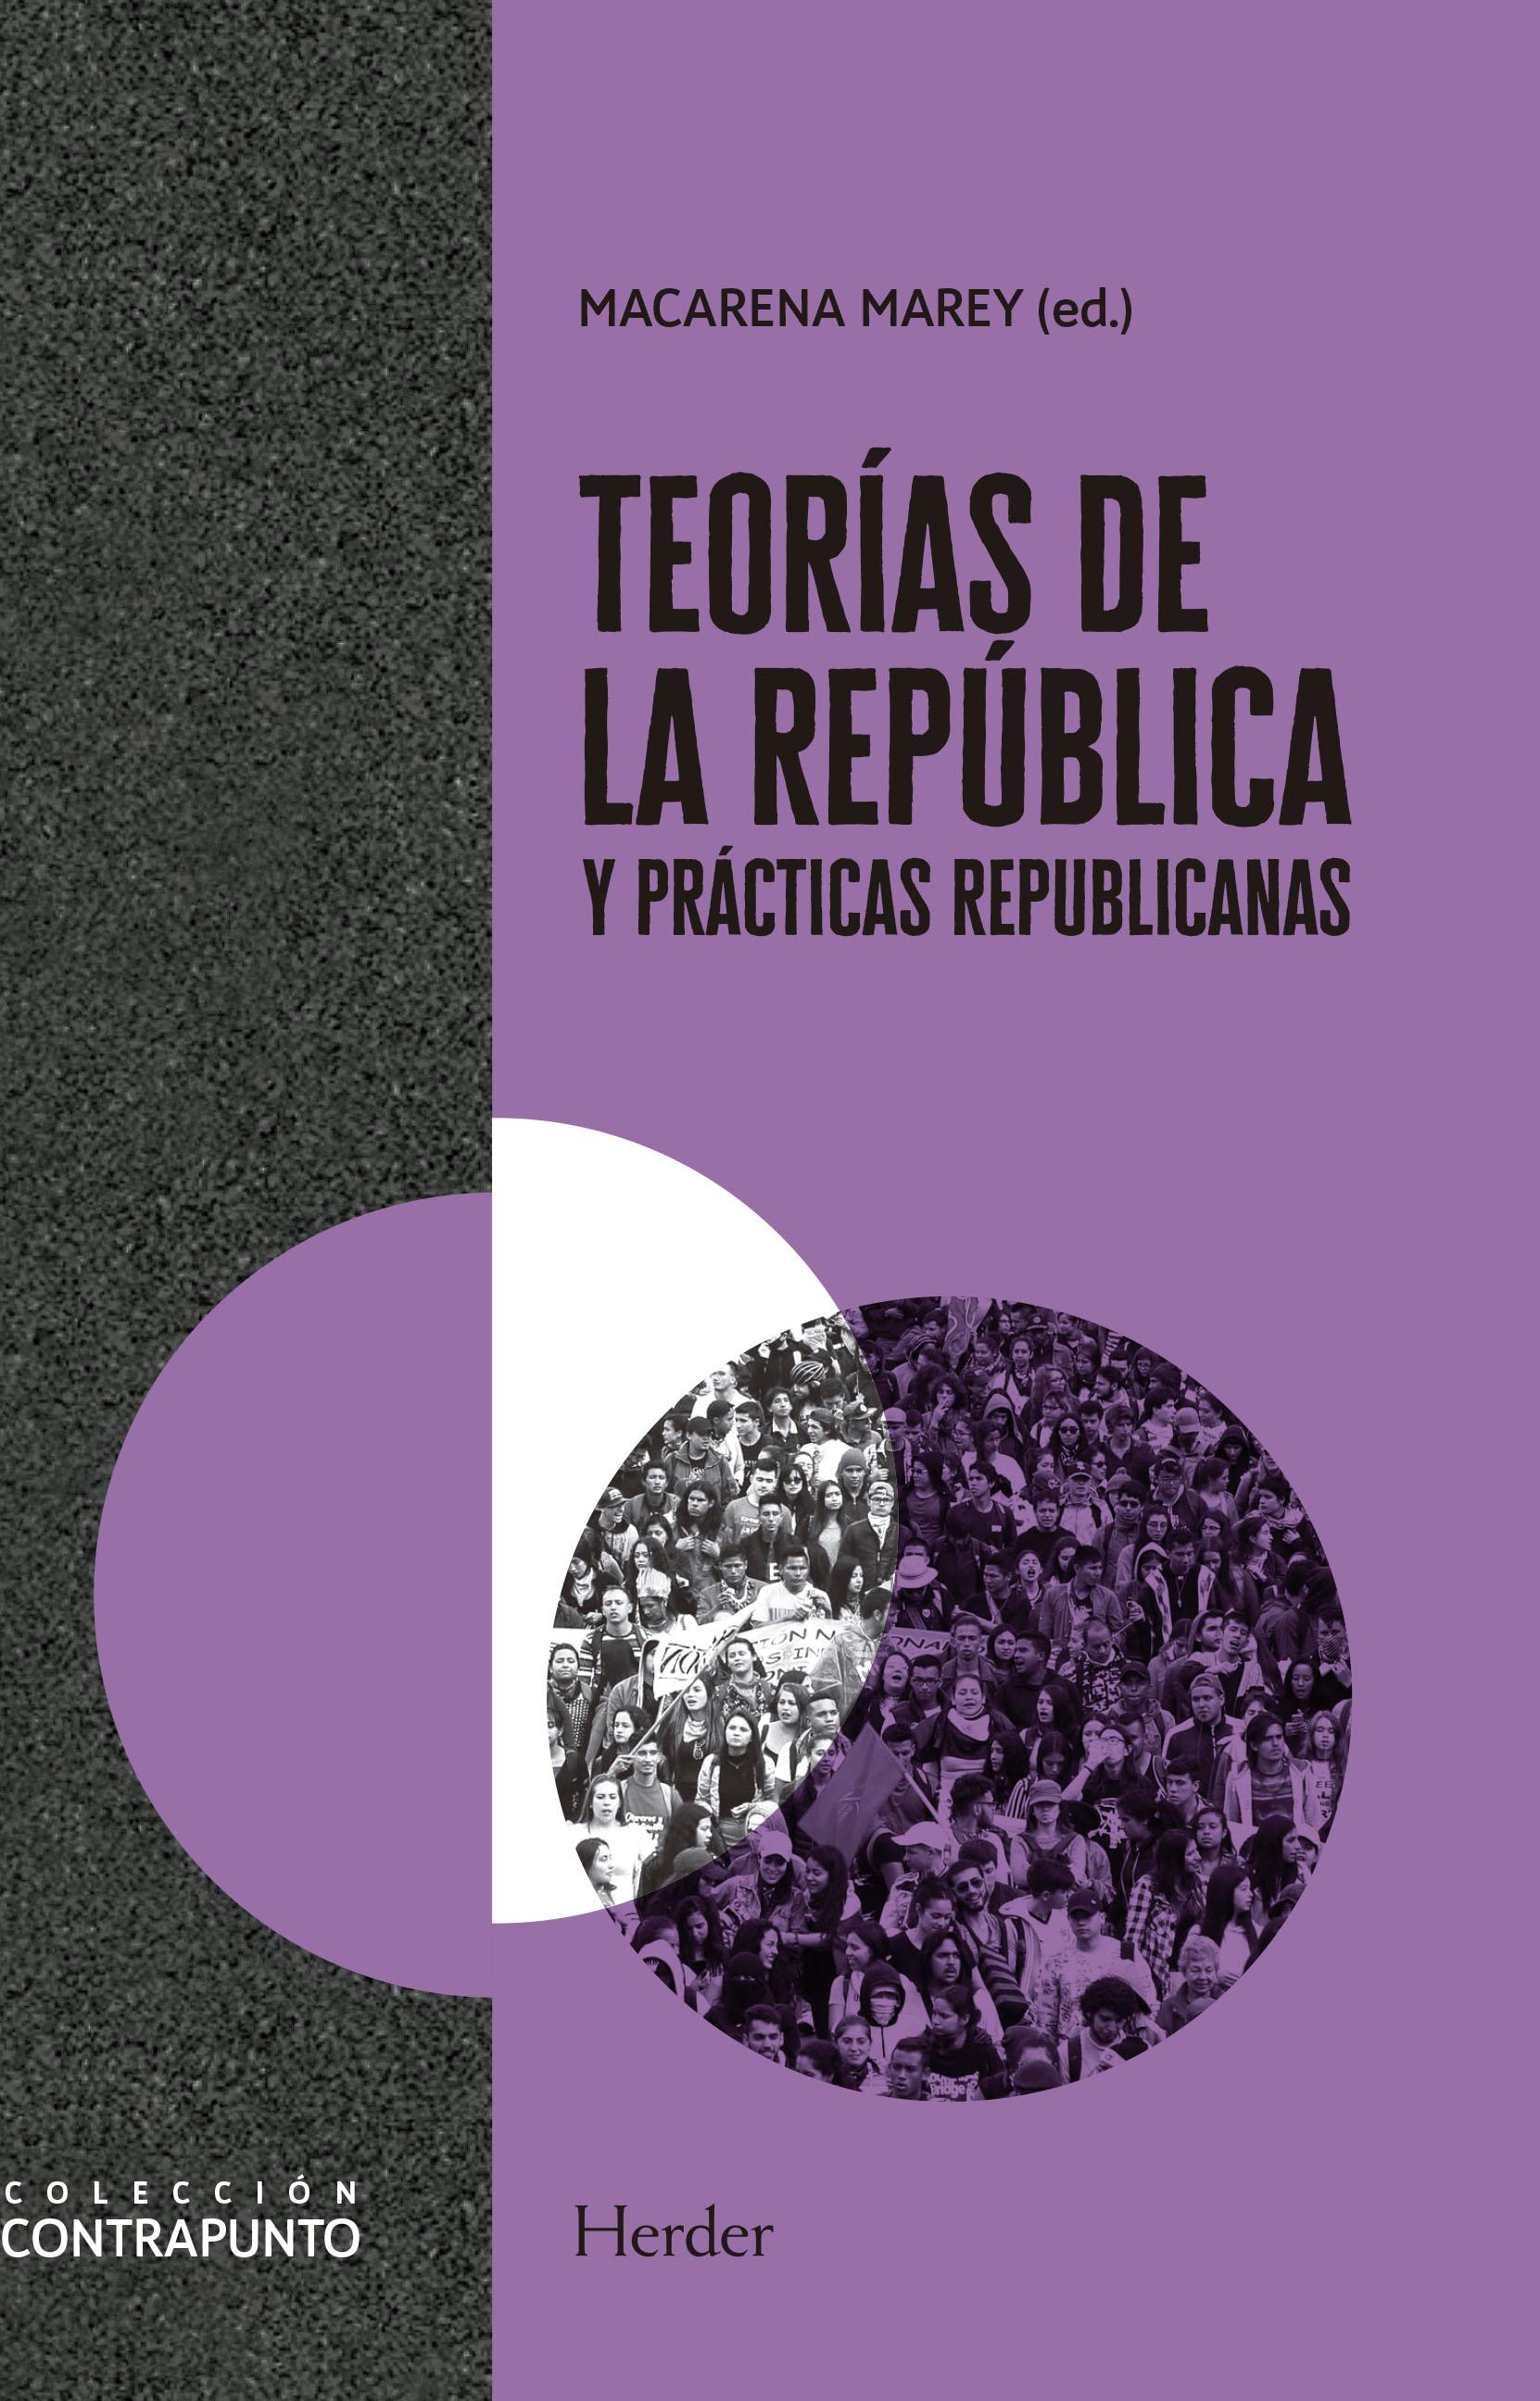 Teorías de la república y prácticas republicanas